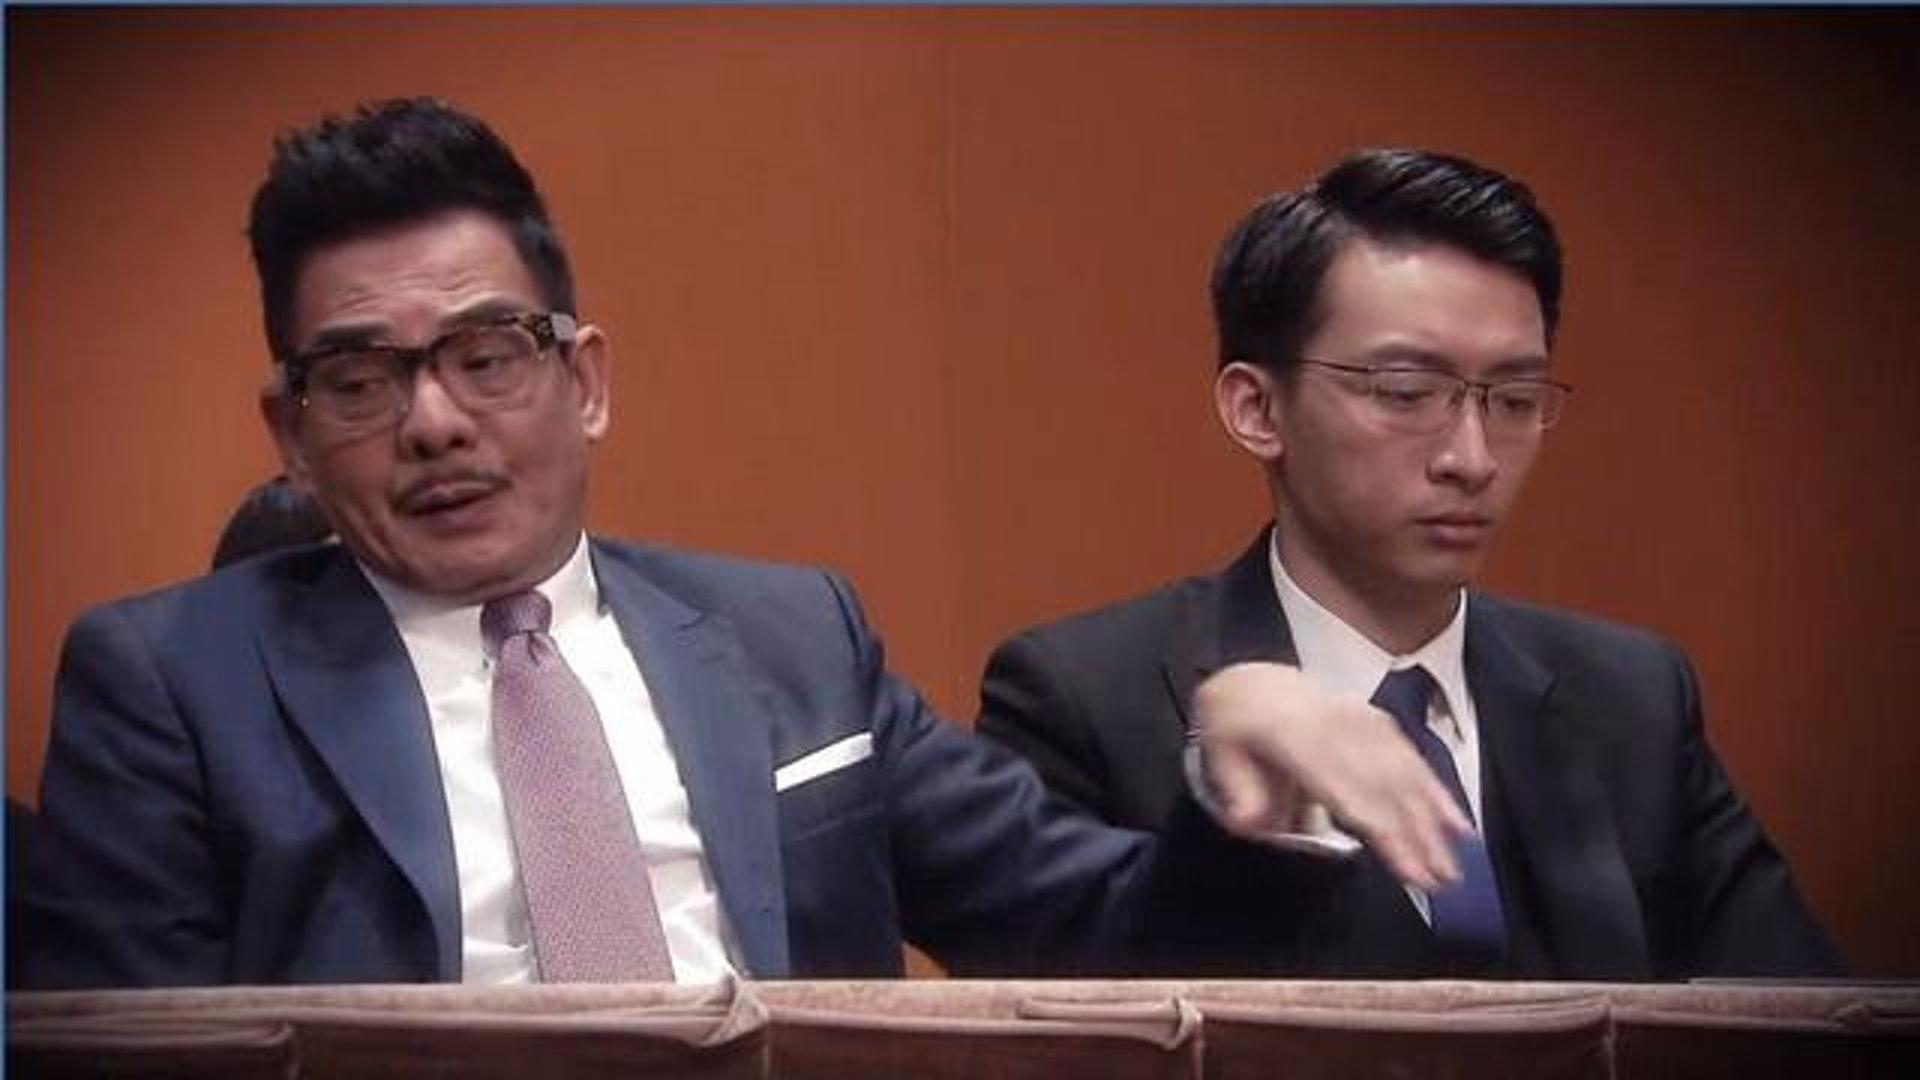 有網友數過李國麟經常飾演敗訴律師,有他出場必定打輸官司。(《三個女人一個「因」》截圖)